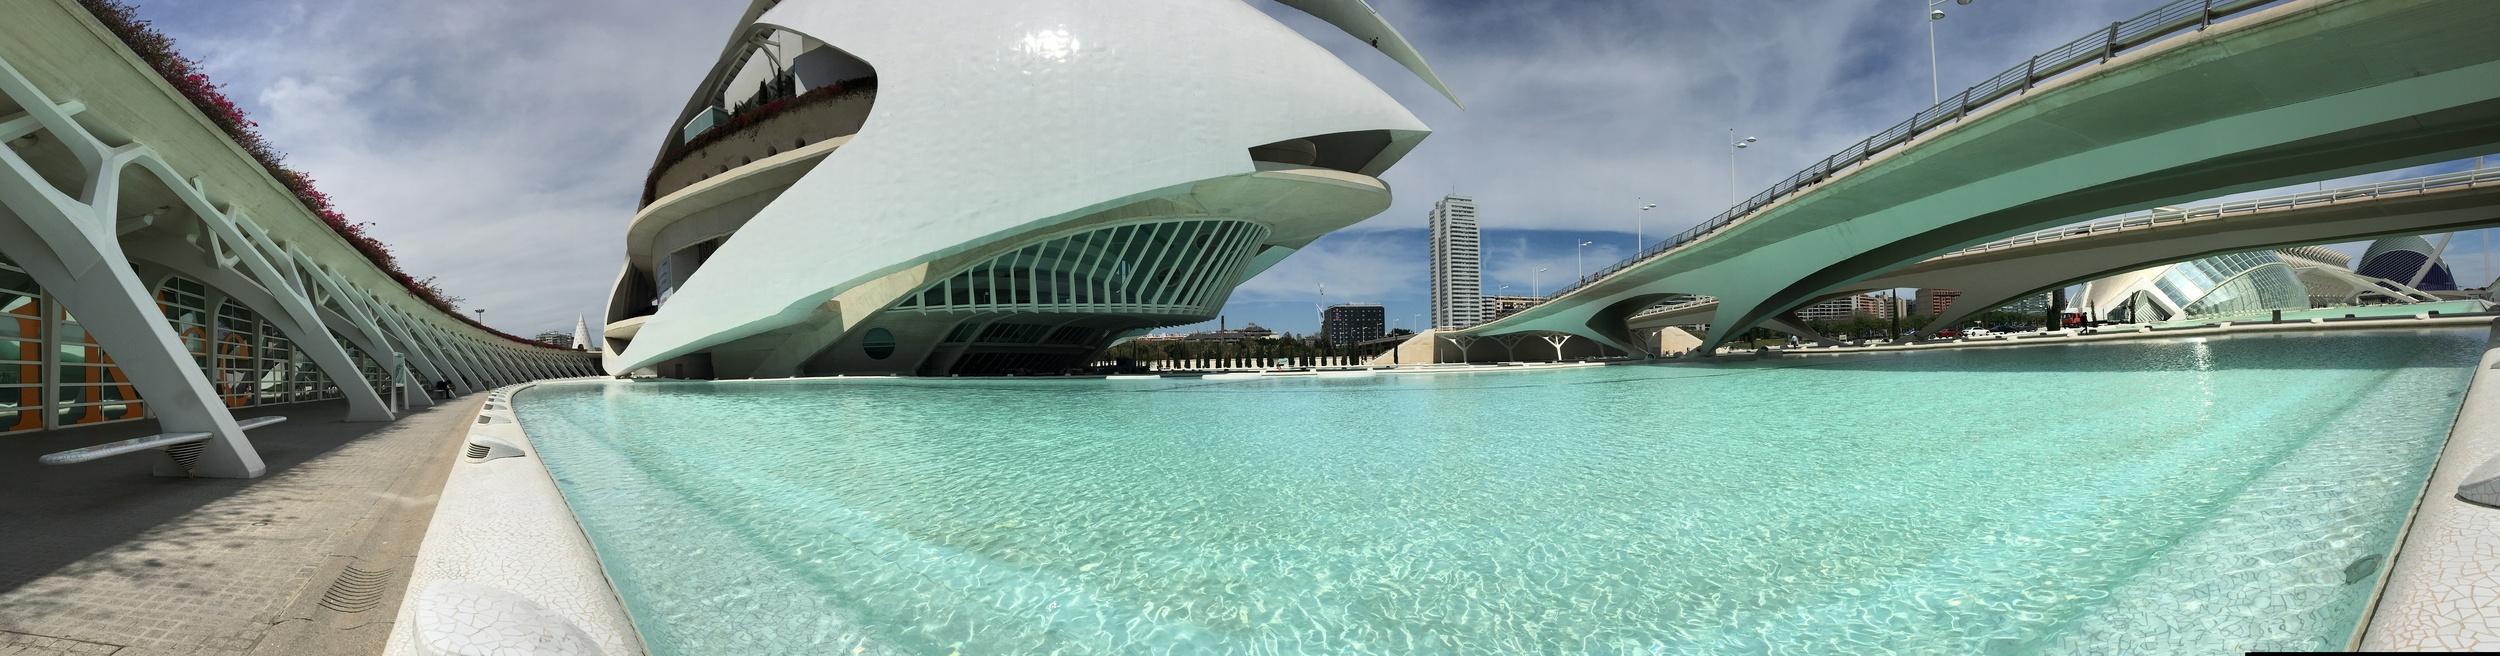 La Ciudad de las Ciencias y las Artes